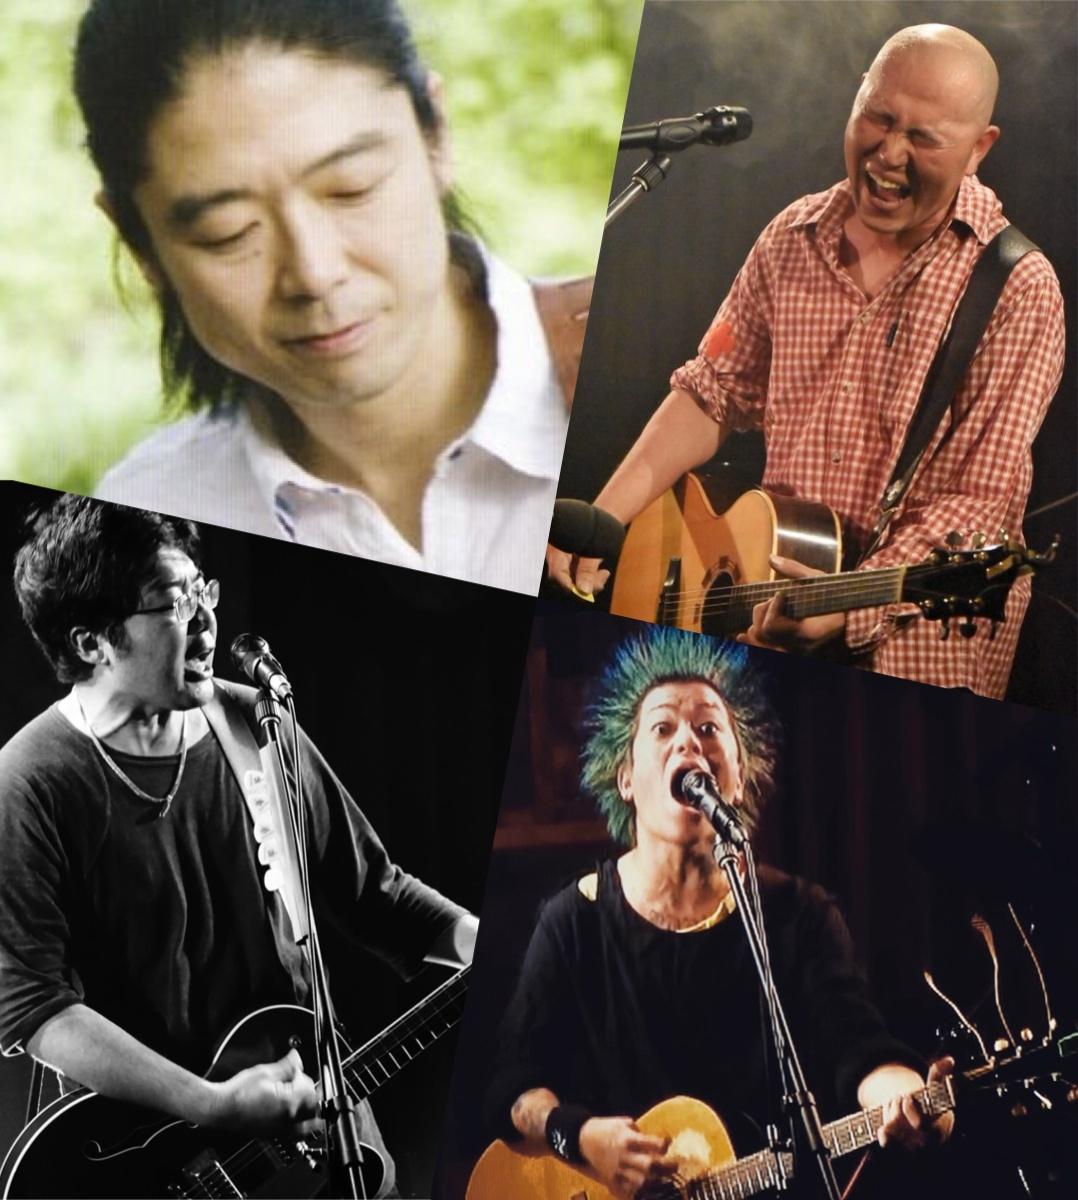 『転がる石 蹴飛ばす夜』出演:Tam / 耕時 / イシガミシンタロウ / tAttun